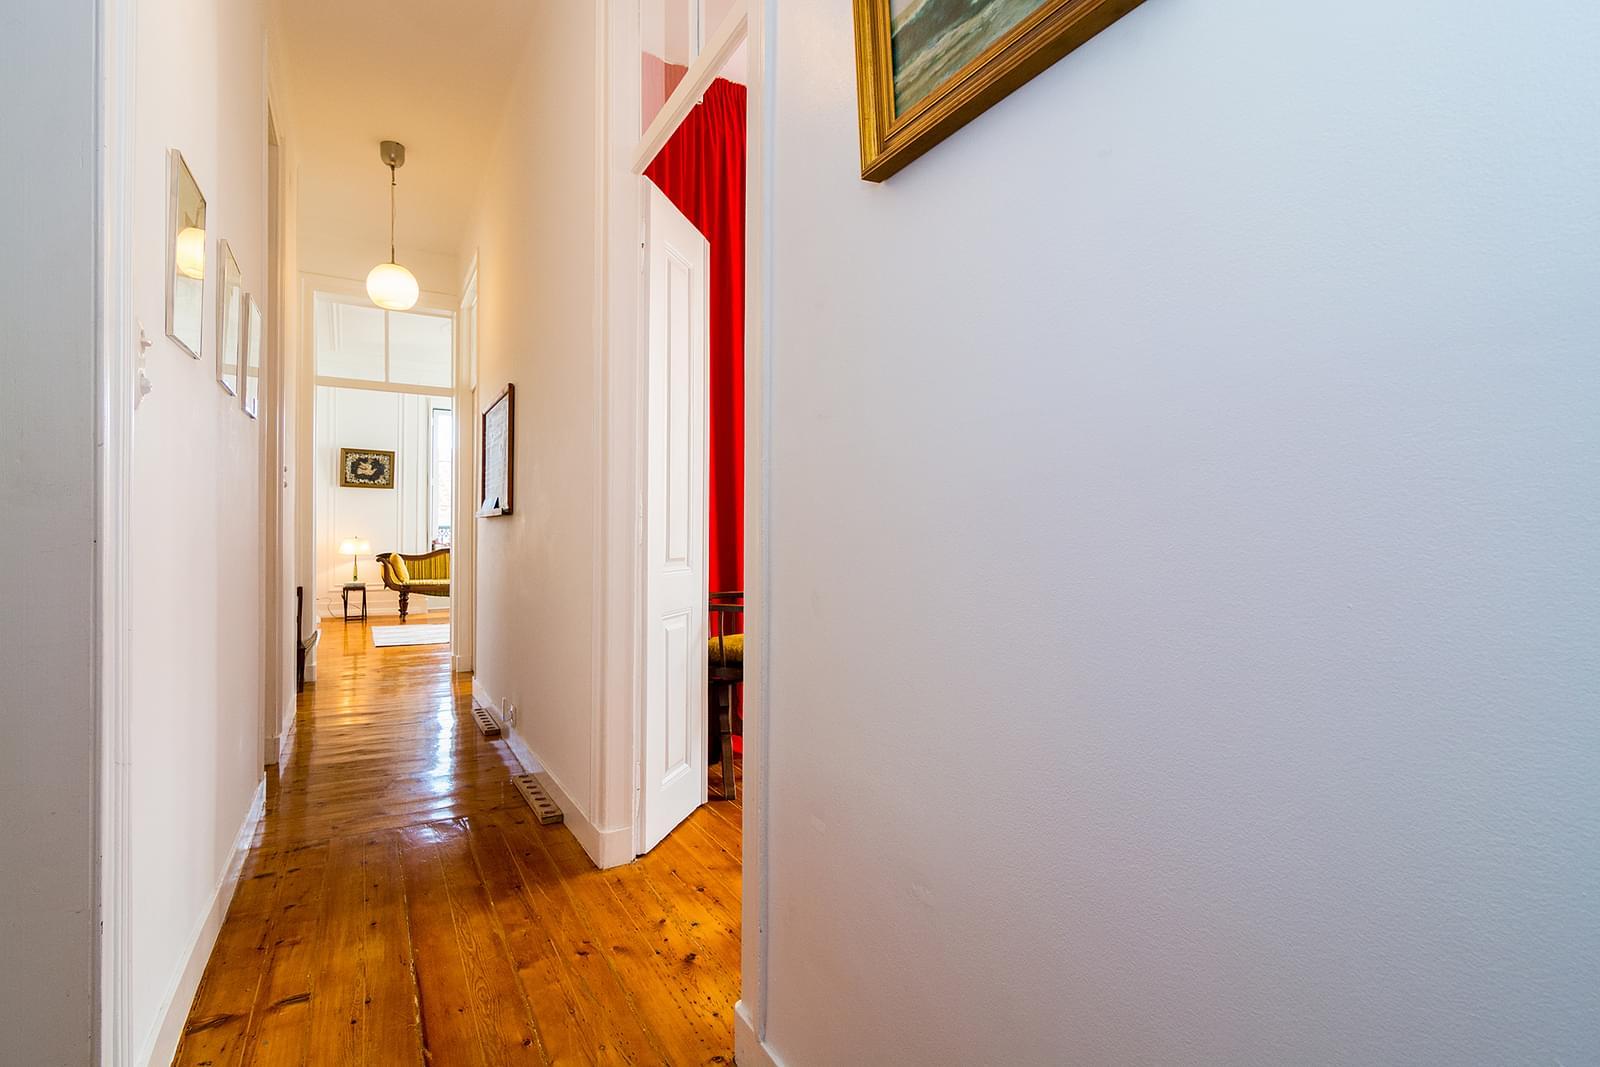 pf17497-apartamento-t3-lisboa-10a3134d-dad3-4fc1-a0f9-b3dad9fcd16d